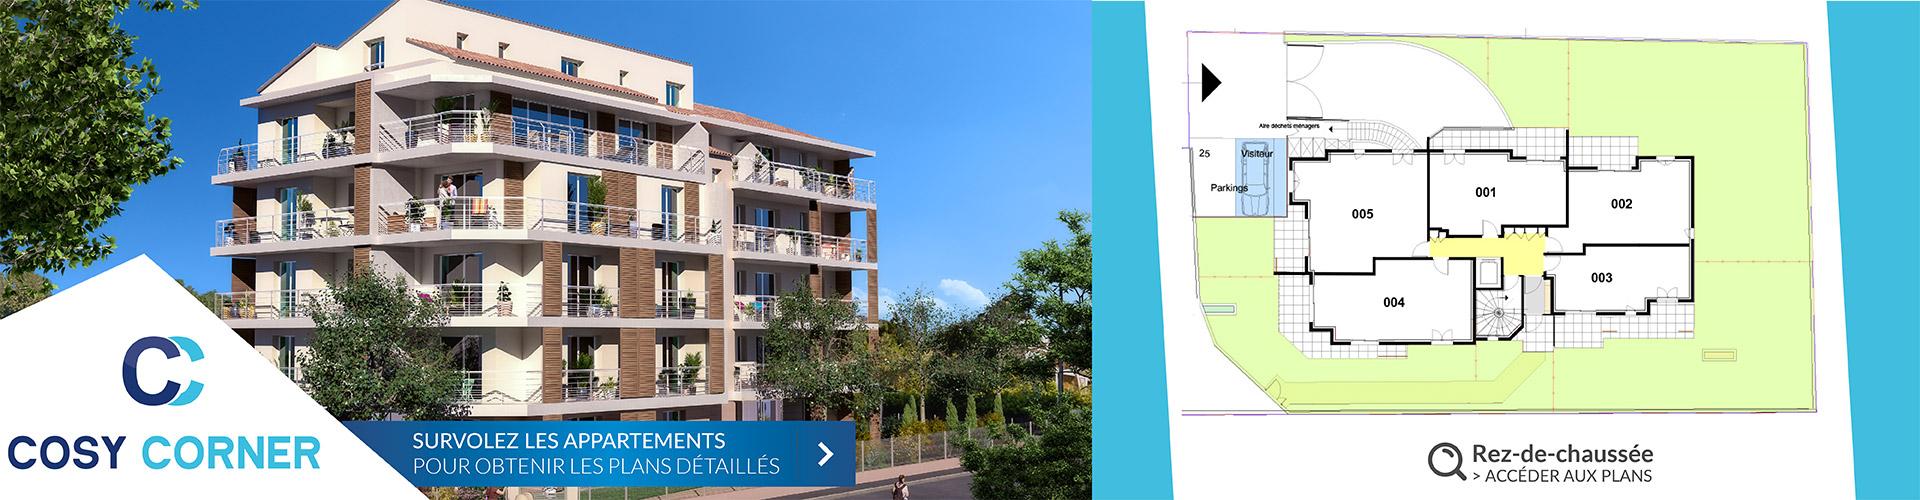 Résidence Cosy Corner à Toulon 83 - Logements neufs RDC